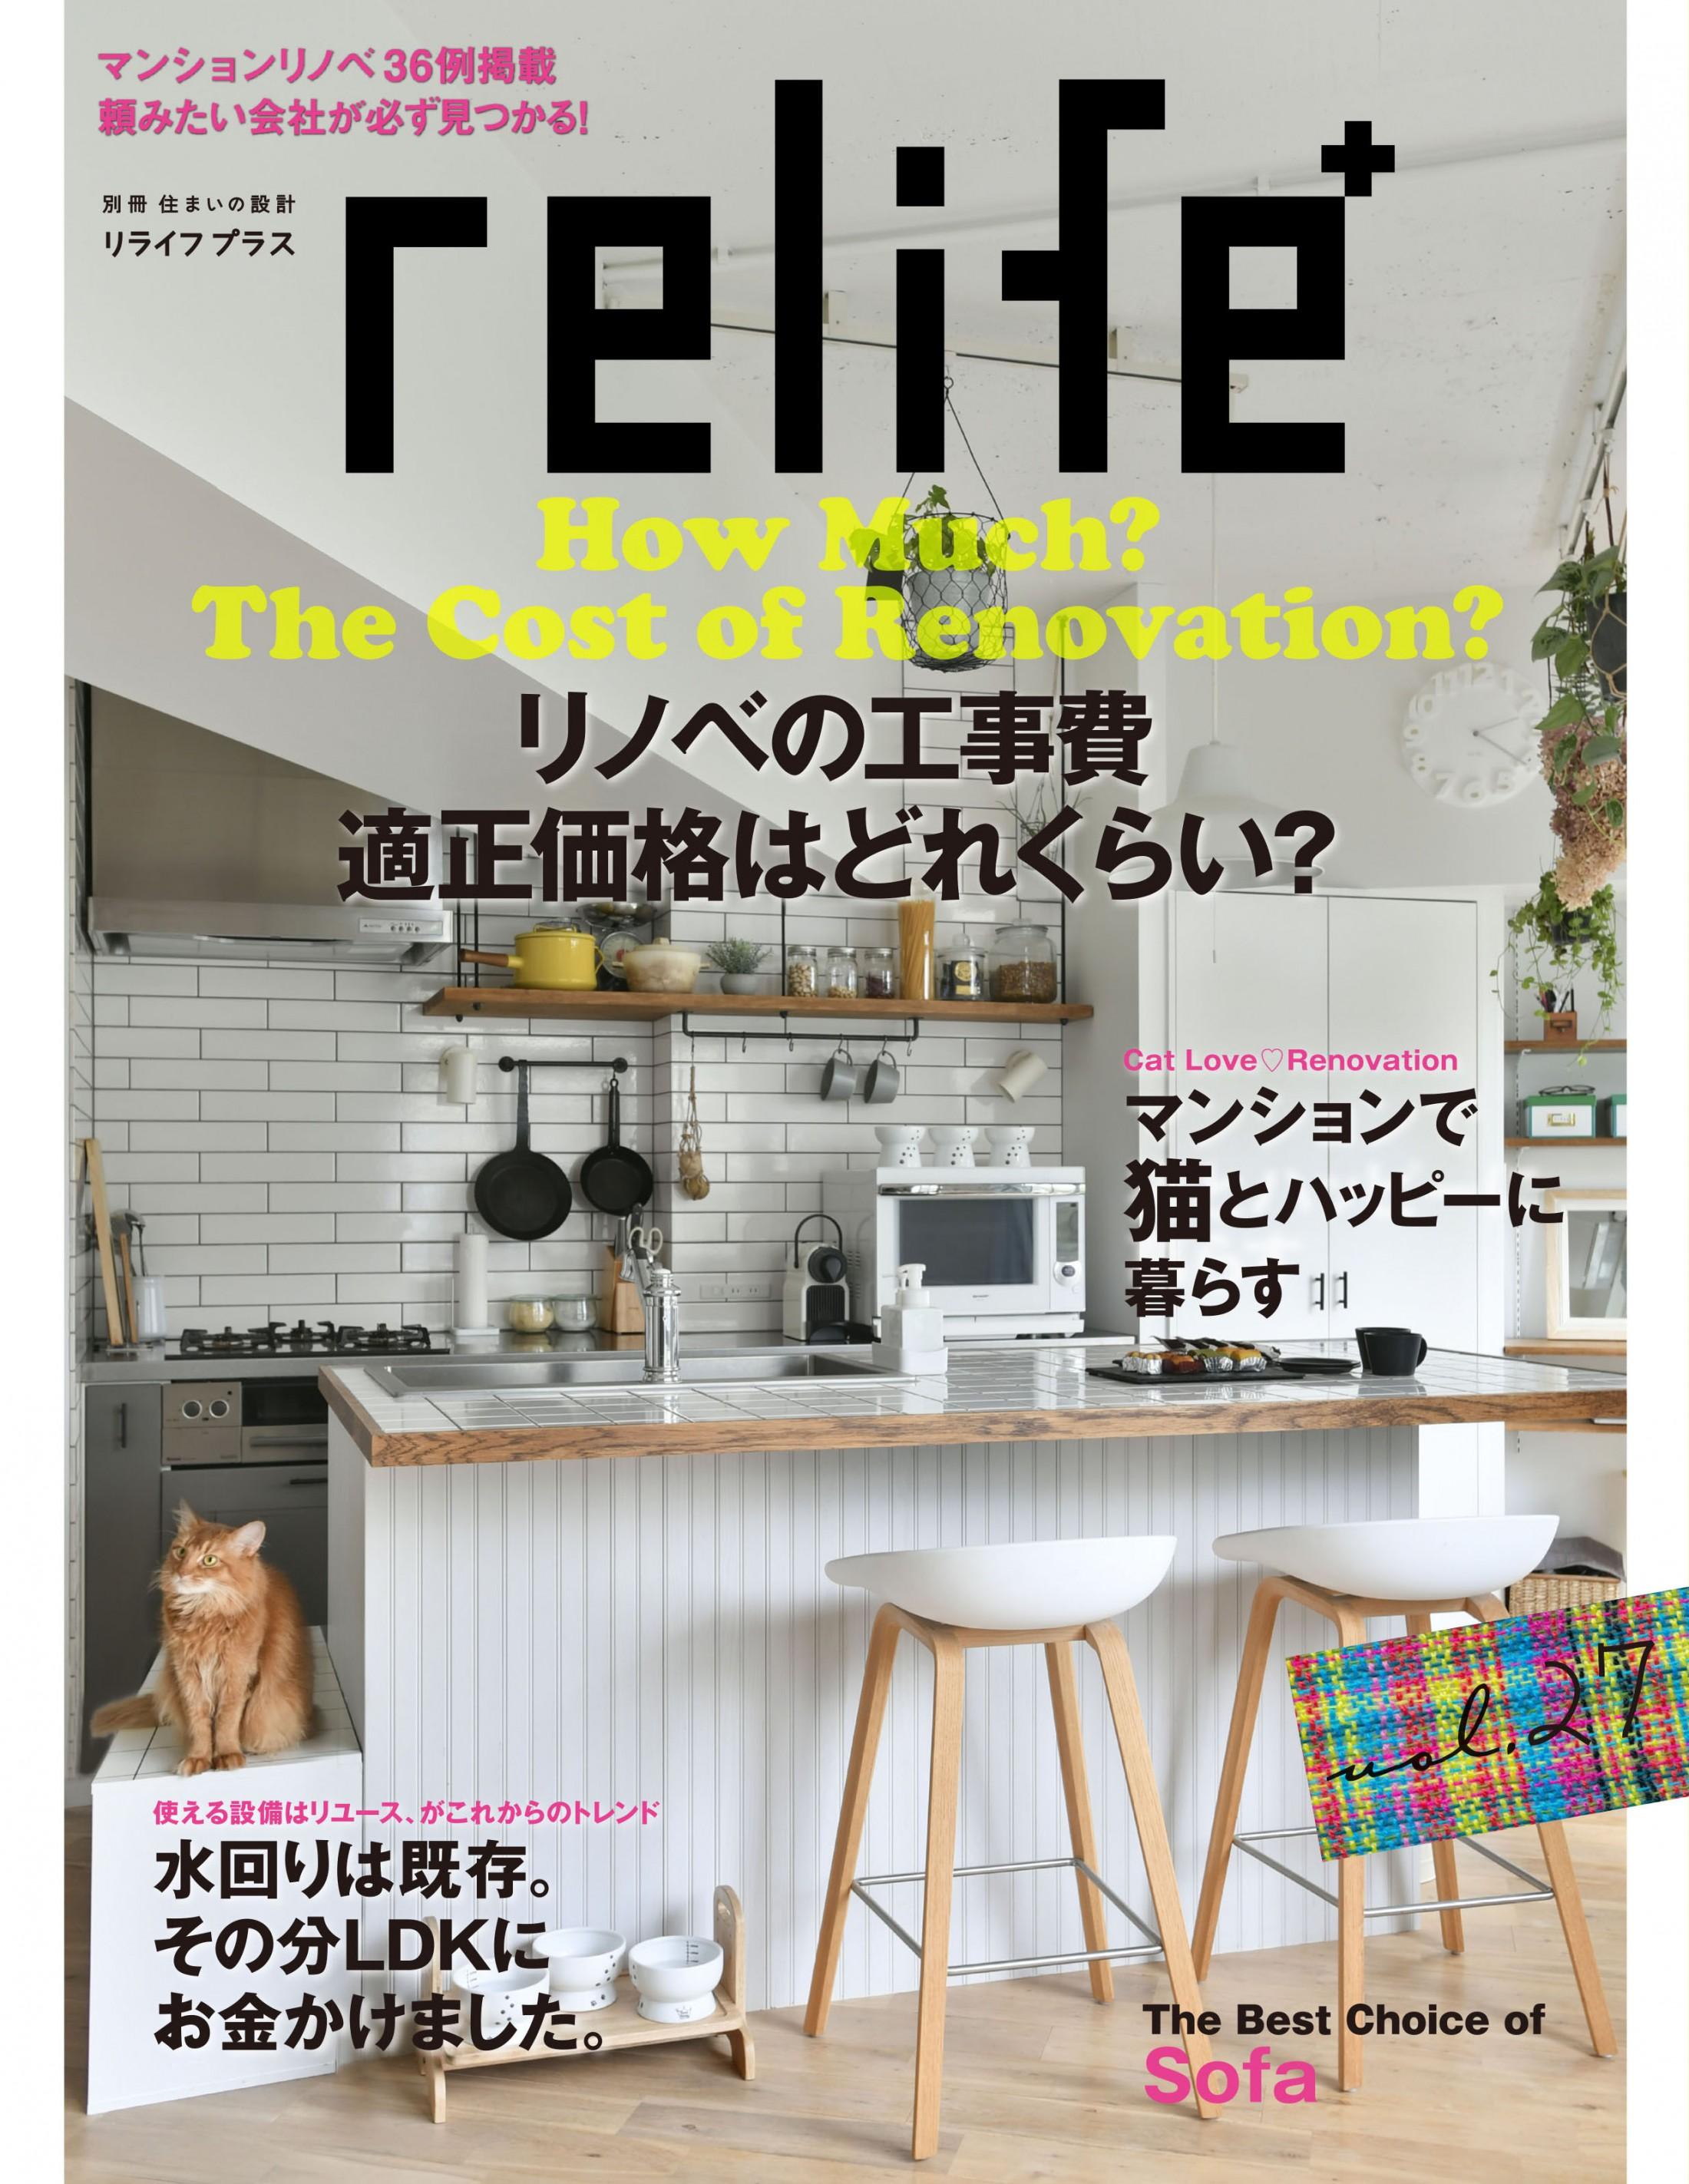 雑誌「relife+」に掲載されました